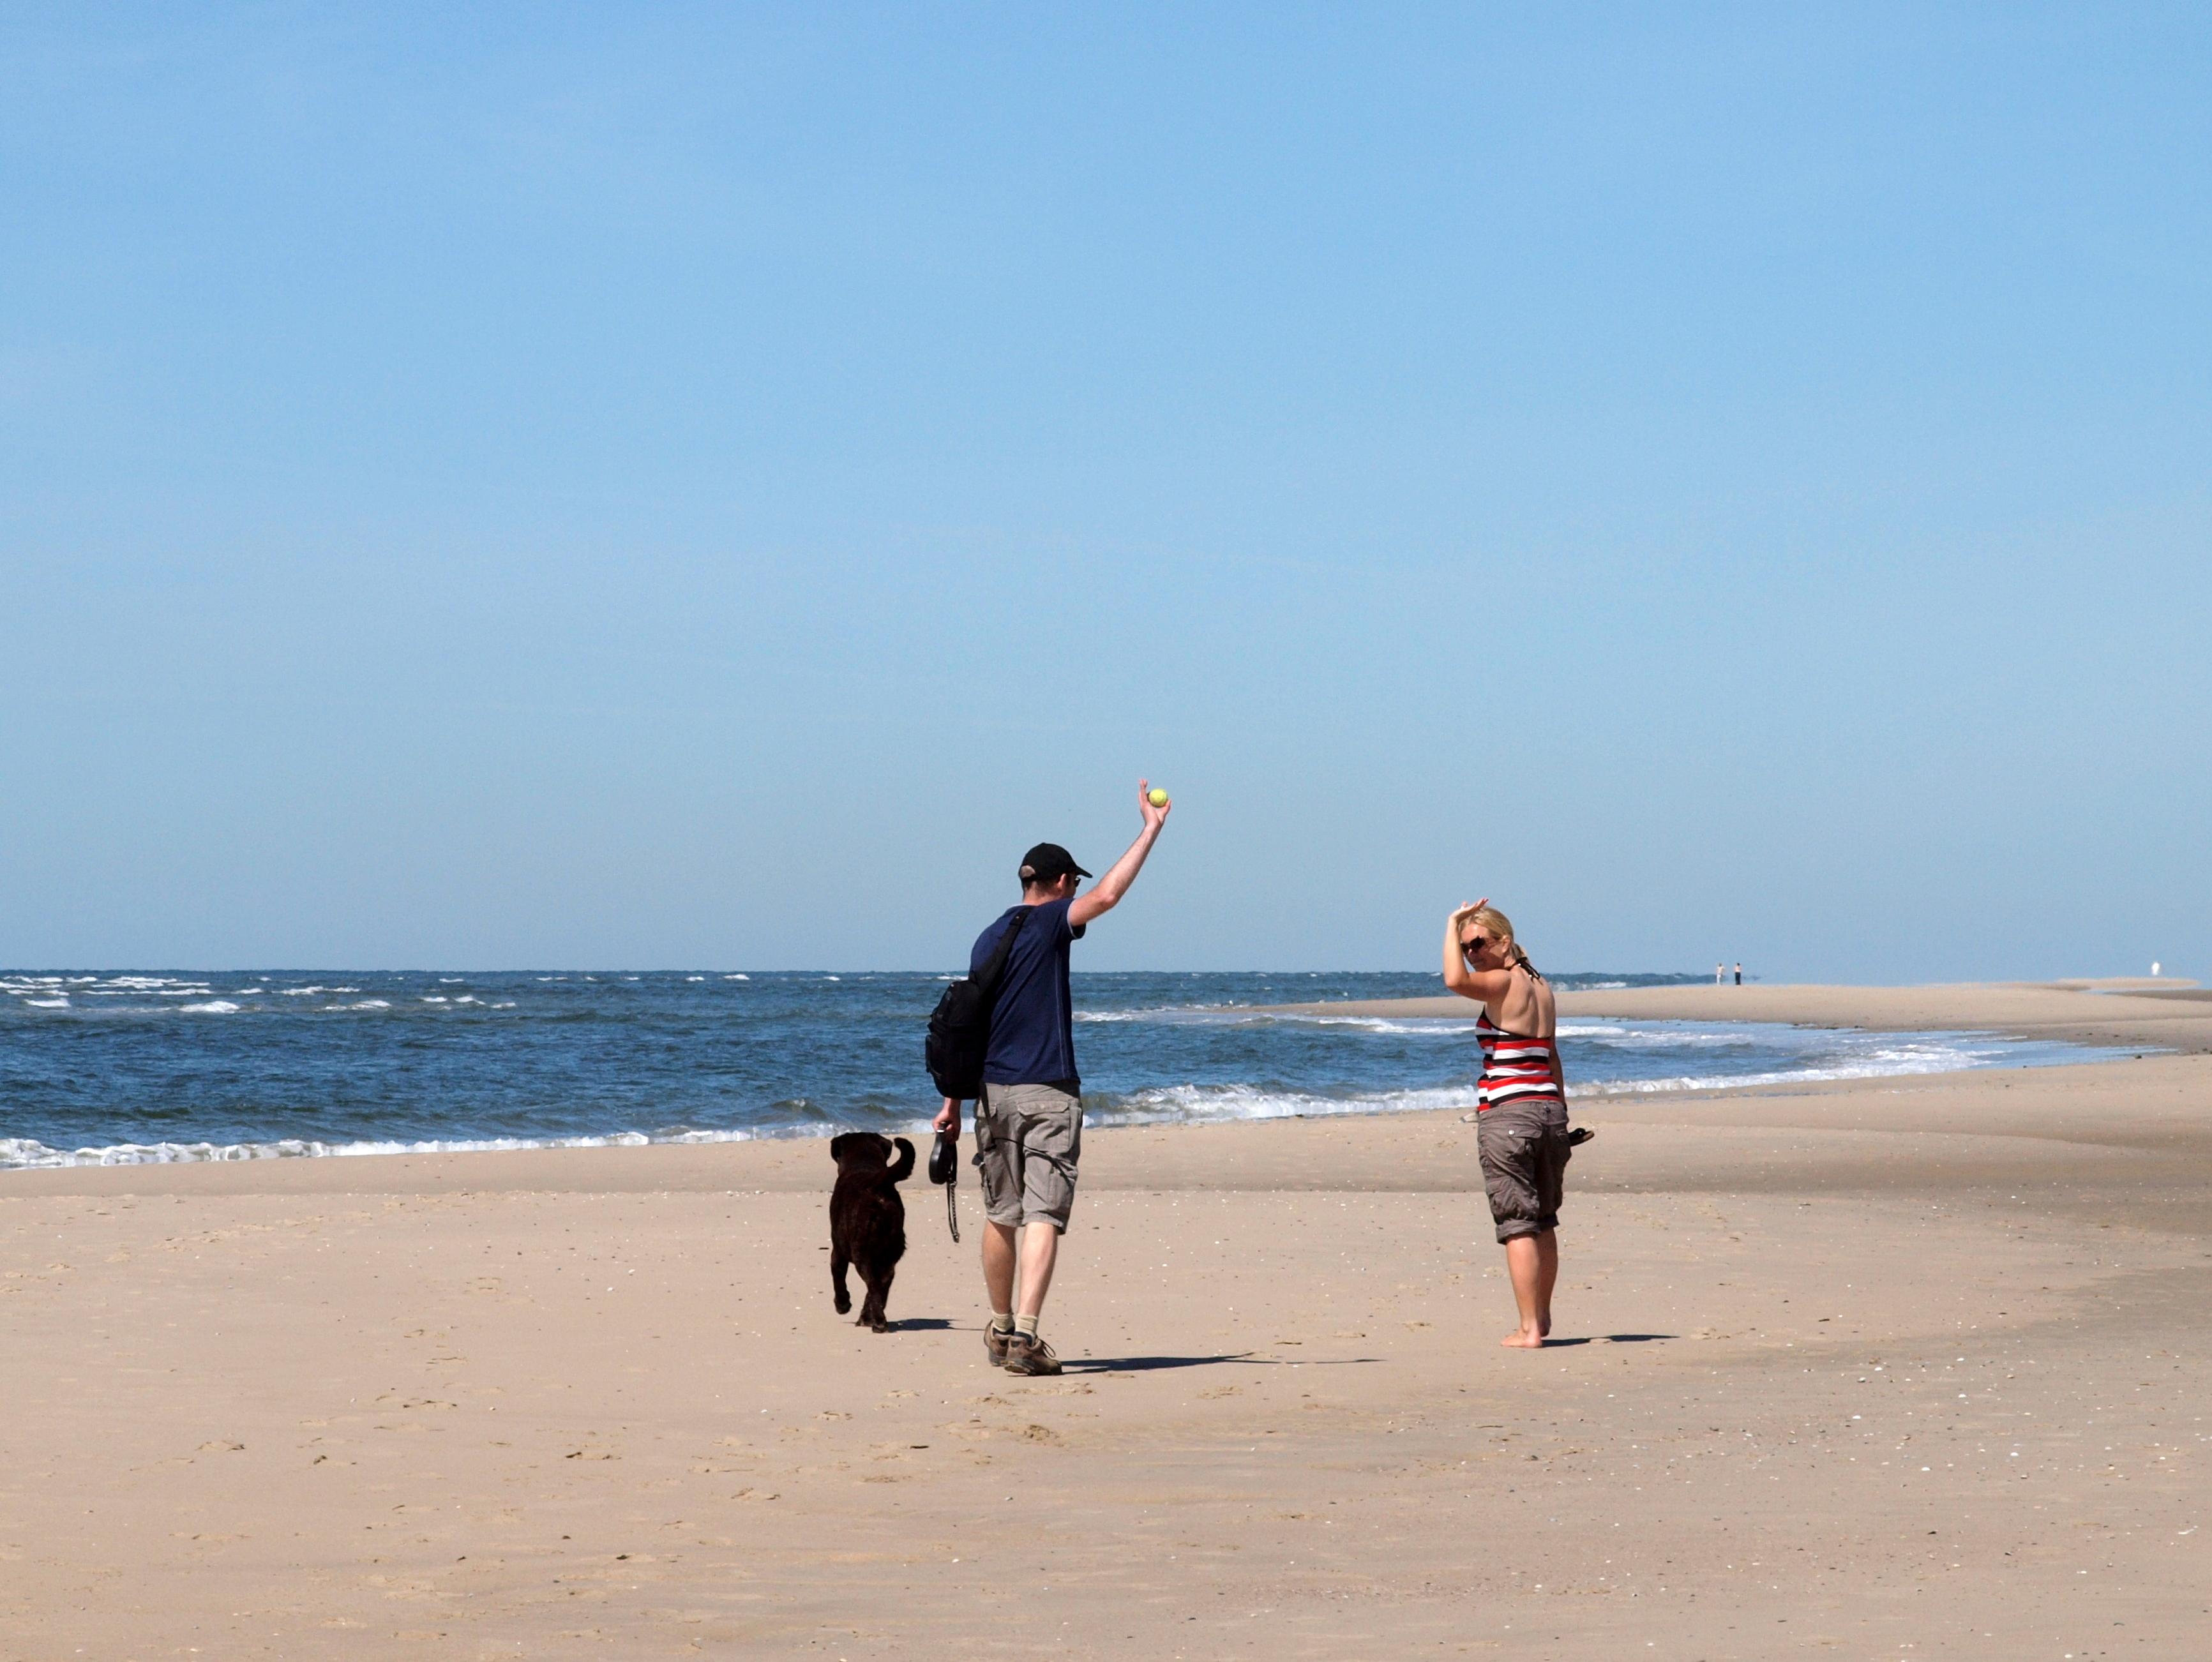 Voor hondenbezitters wandelen op het strand VVV Texel Knook